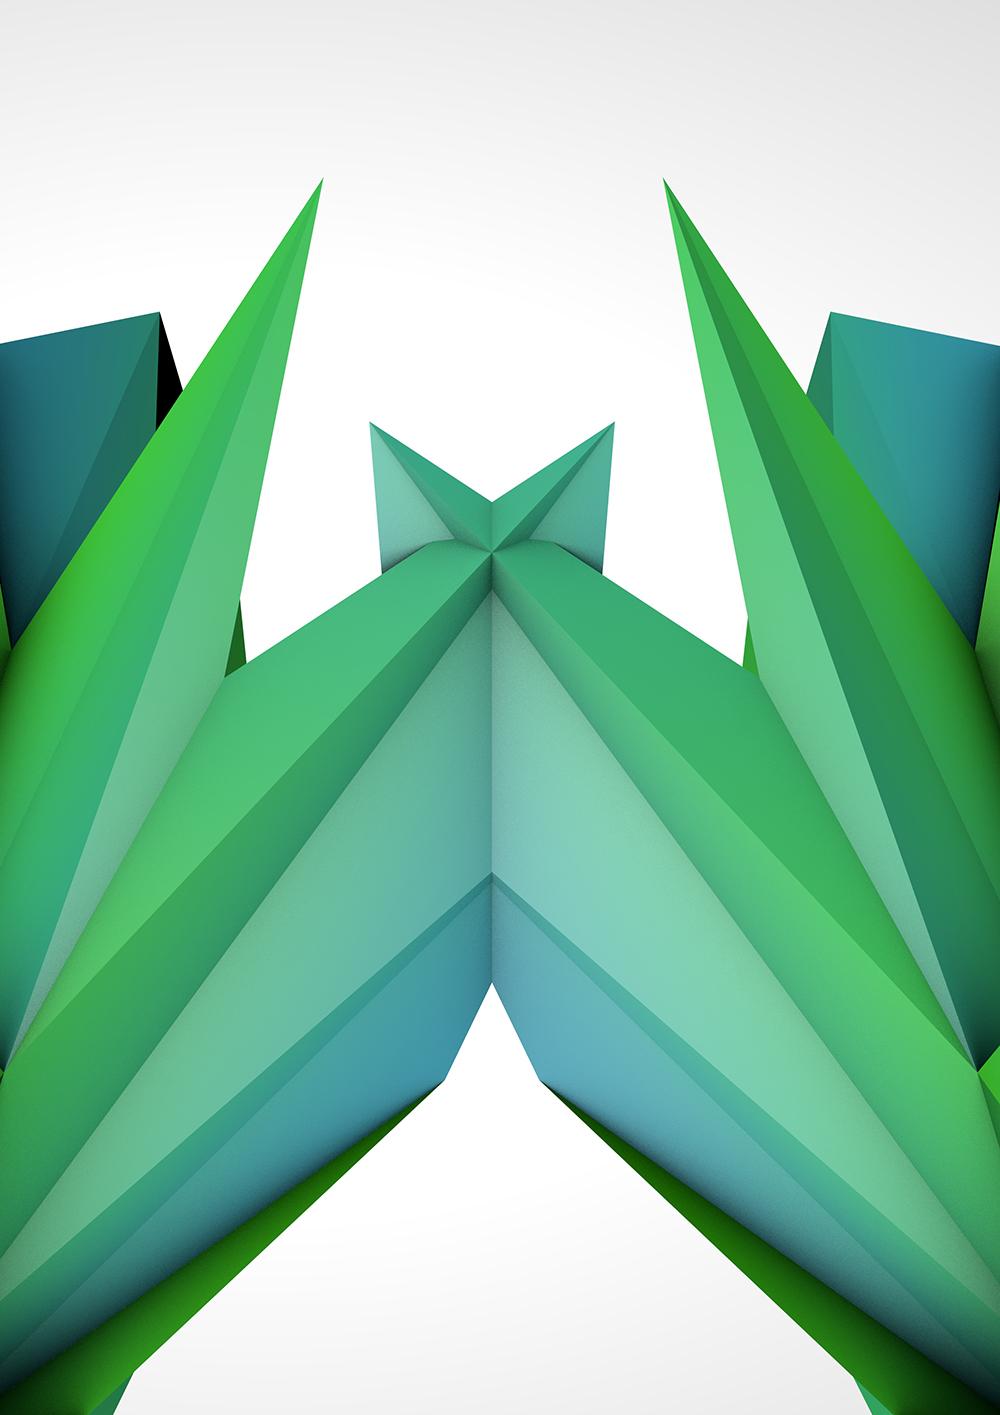 Blender Render Green Low Poly Shape 1